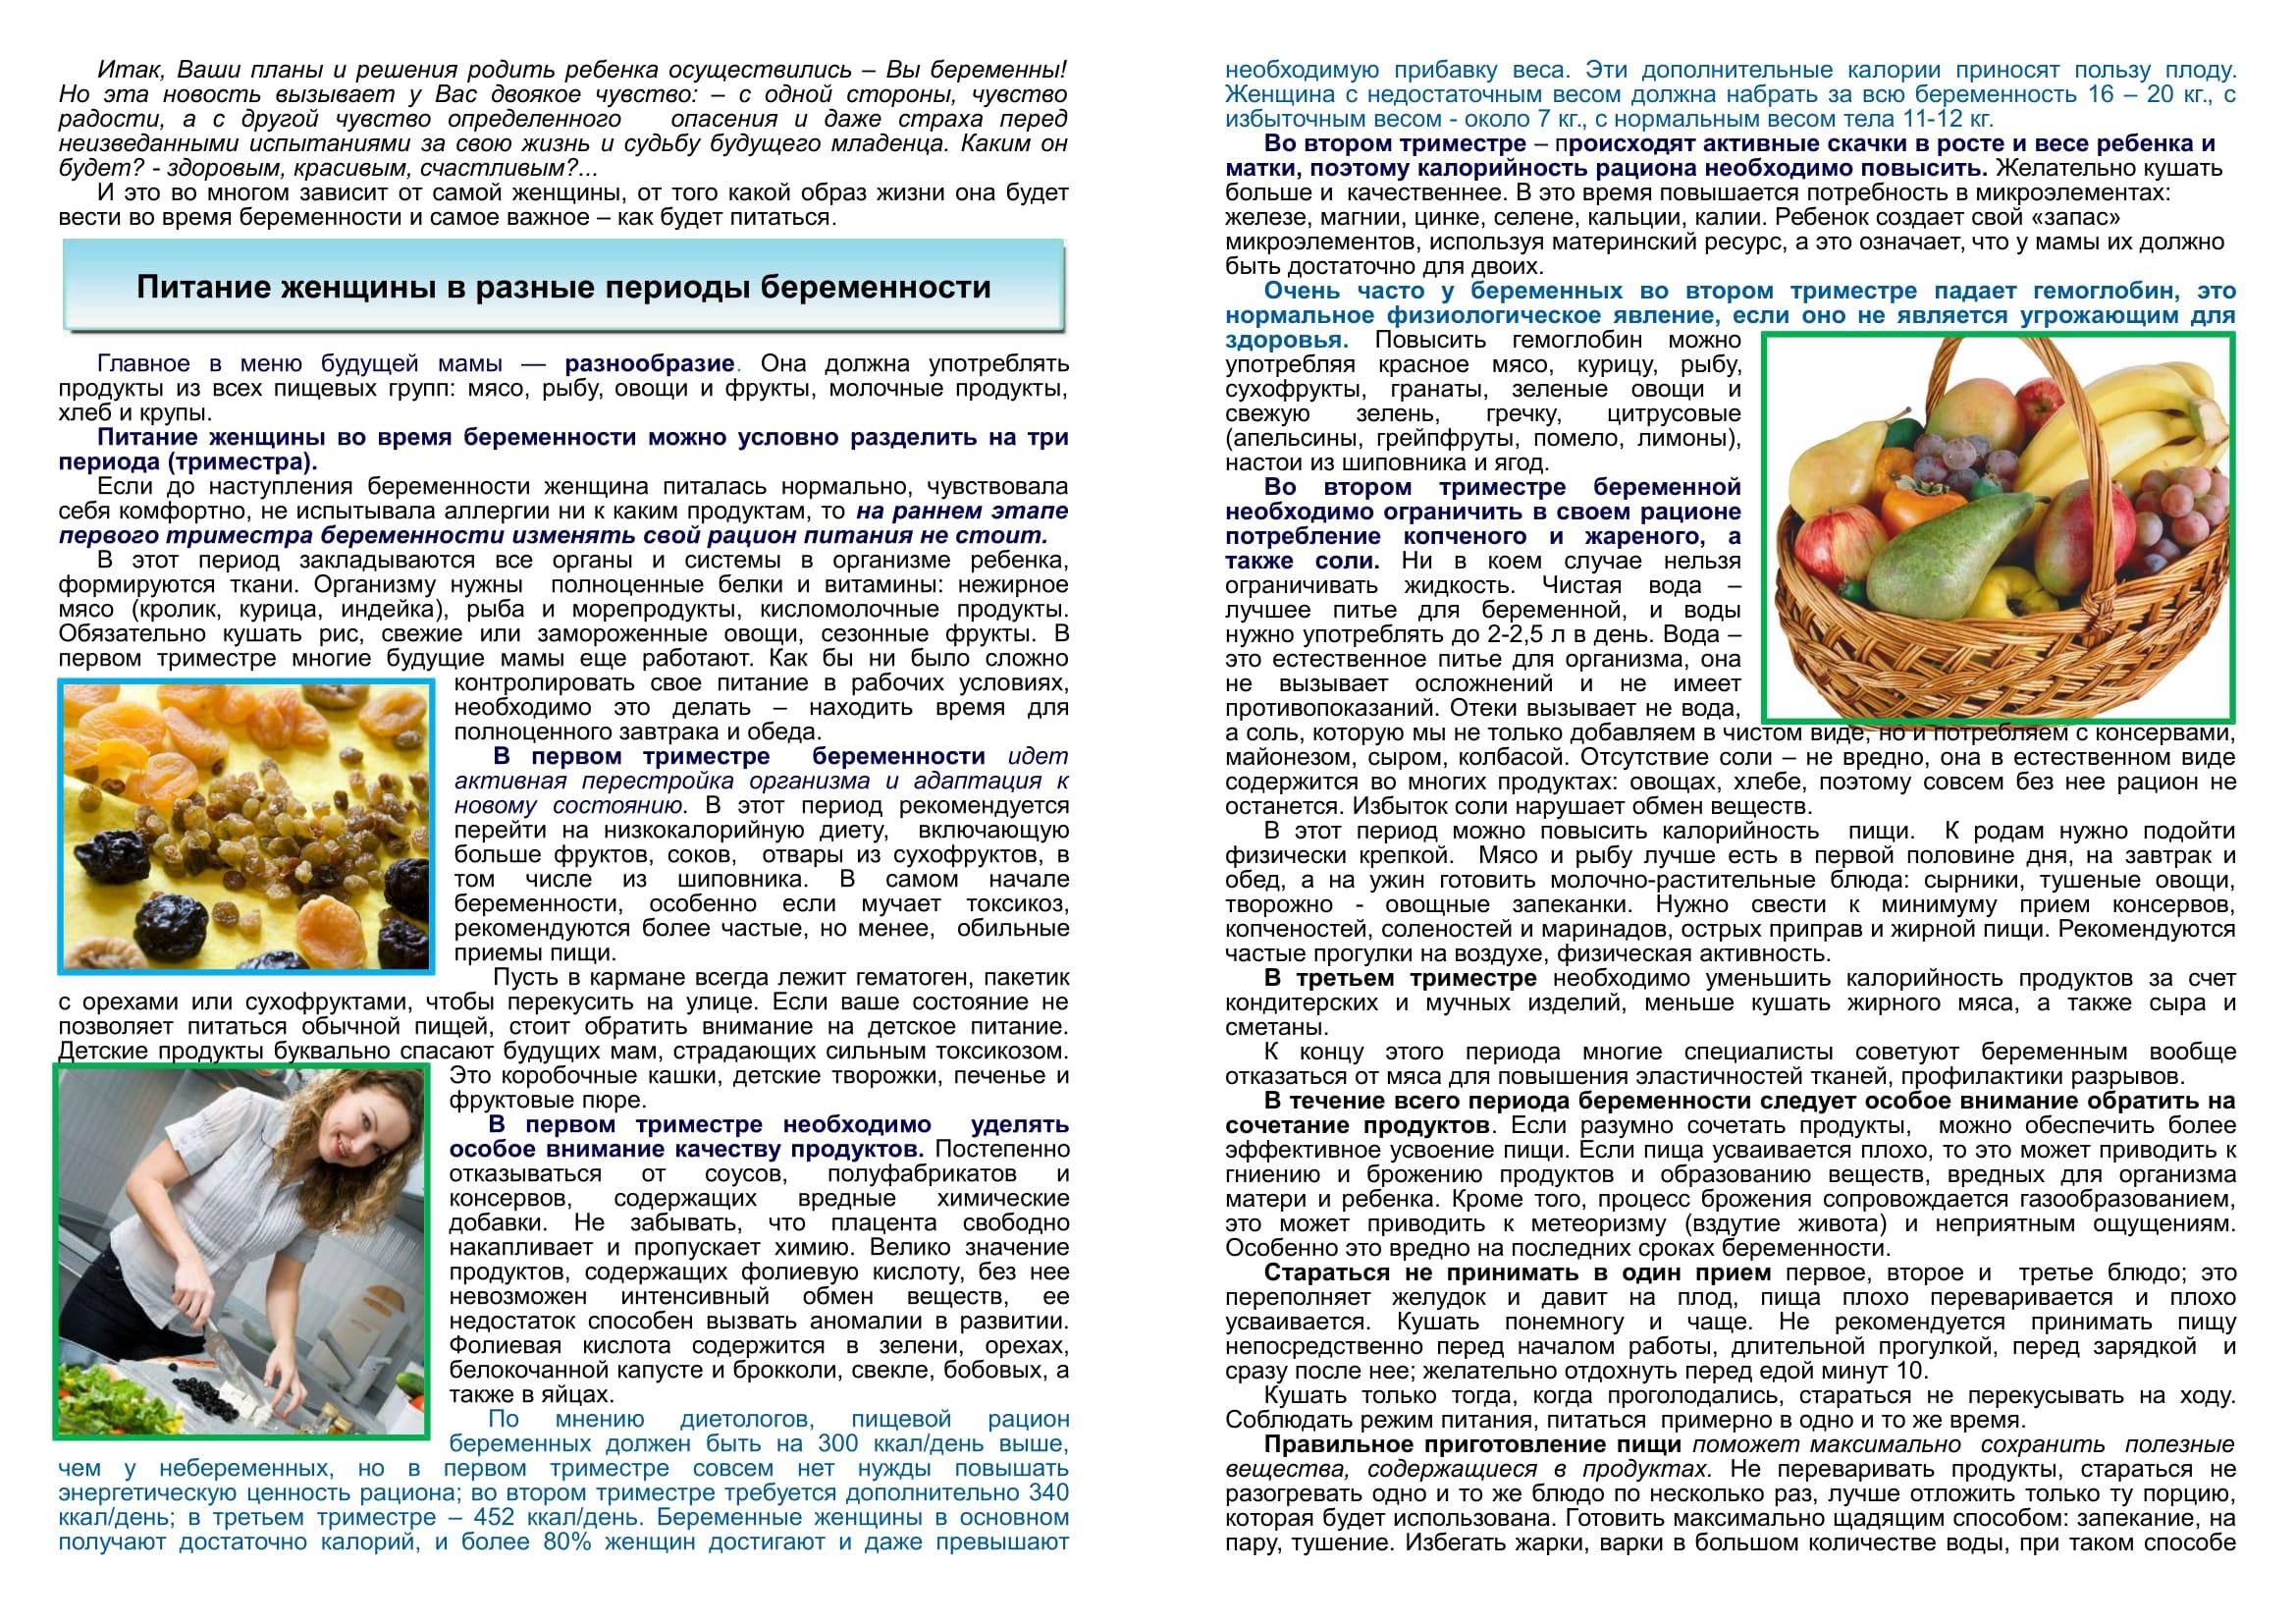 Анемия у беременных продукты 2